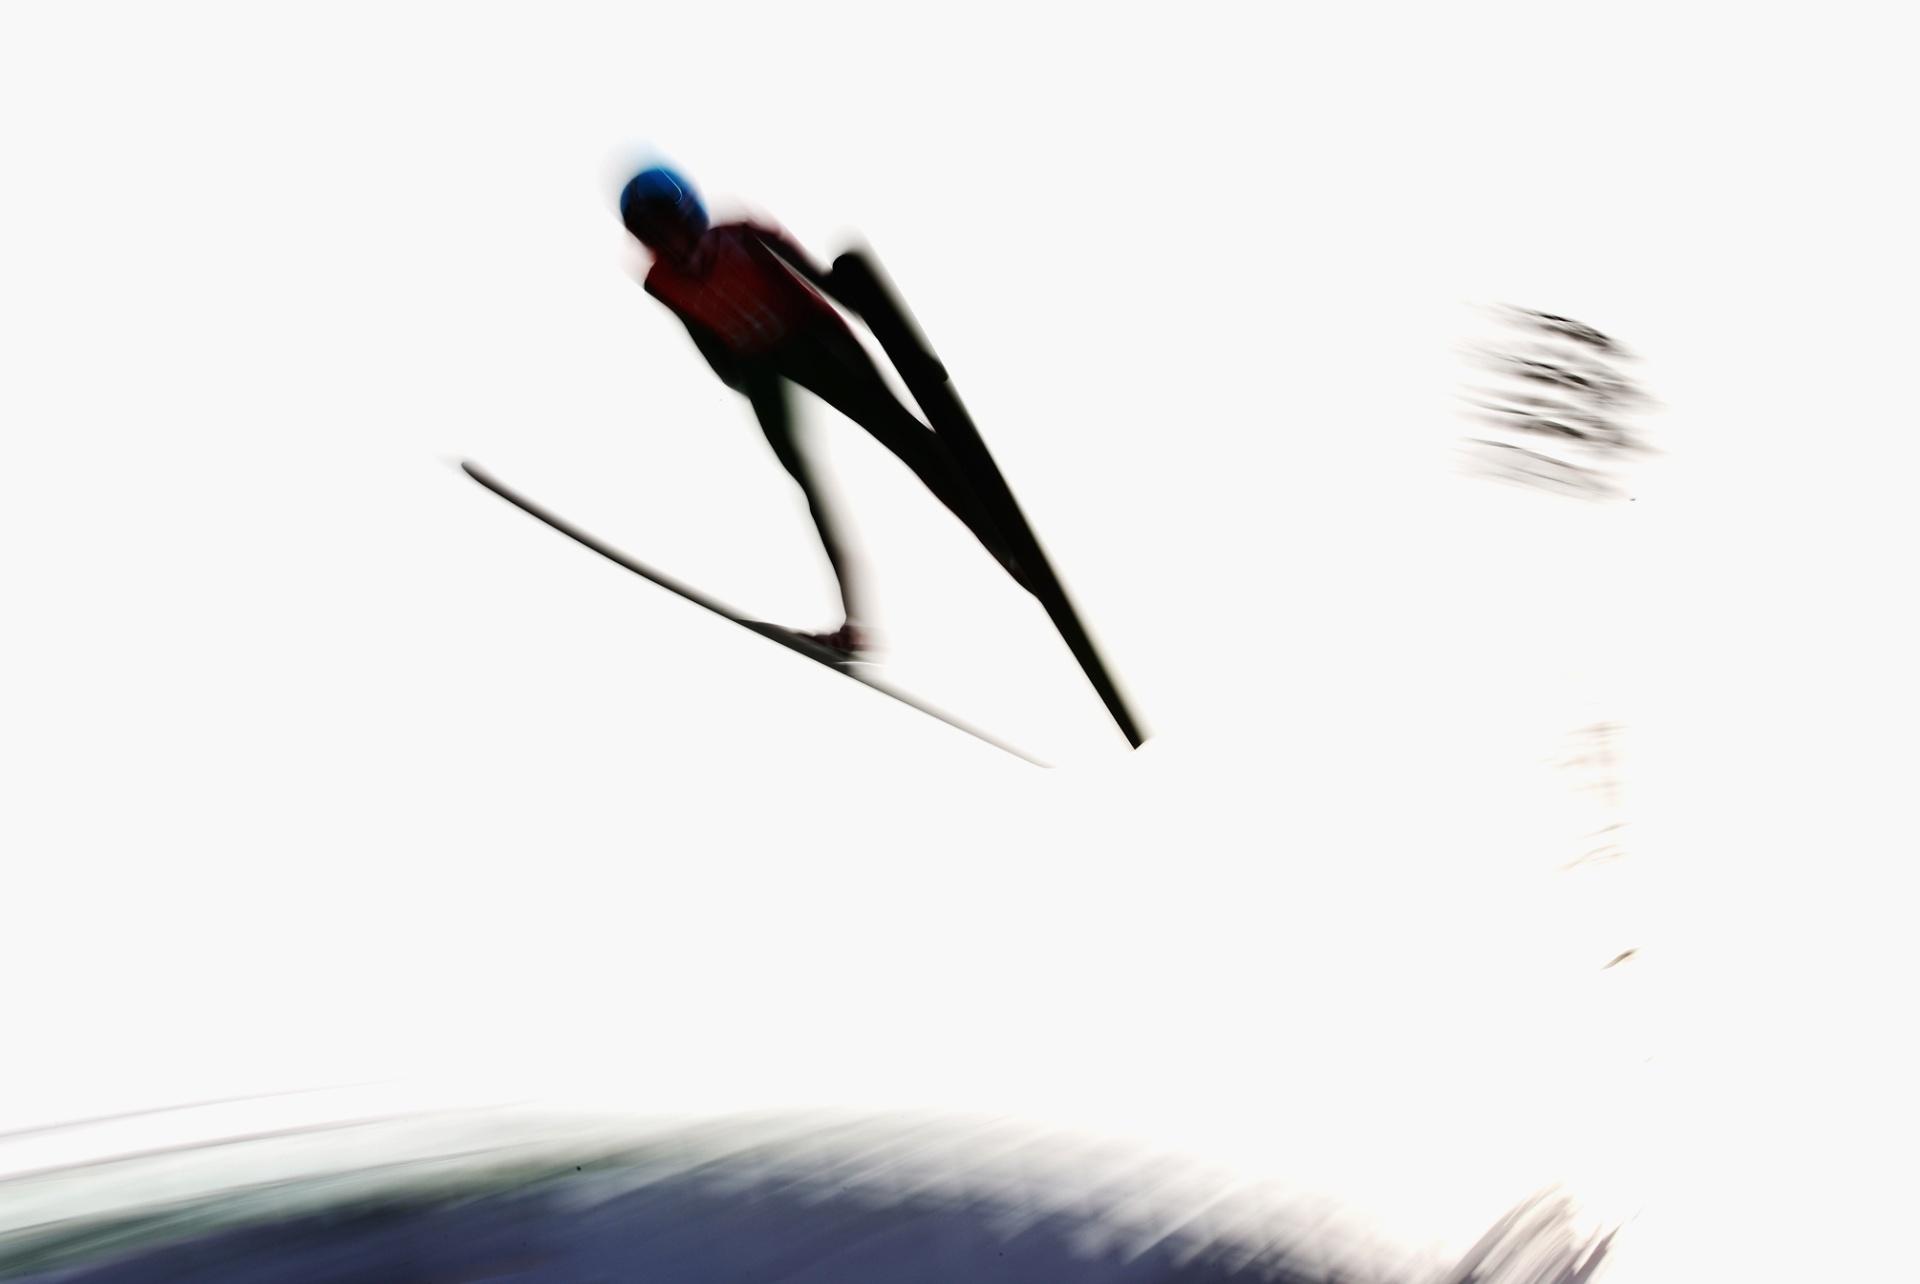 09.02.2014 - Mulher participa dos saltos com ski nos Jogos de Sochi